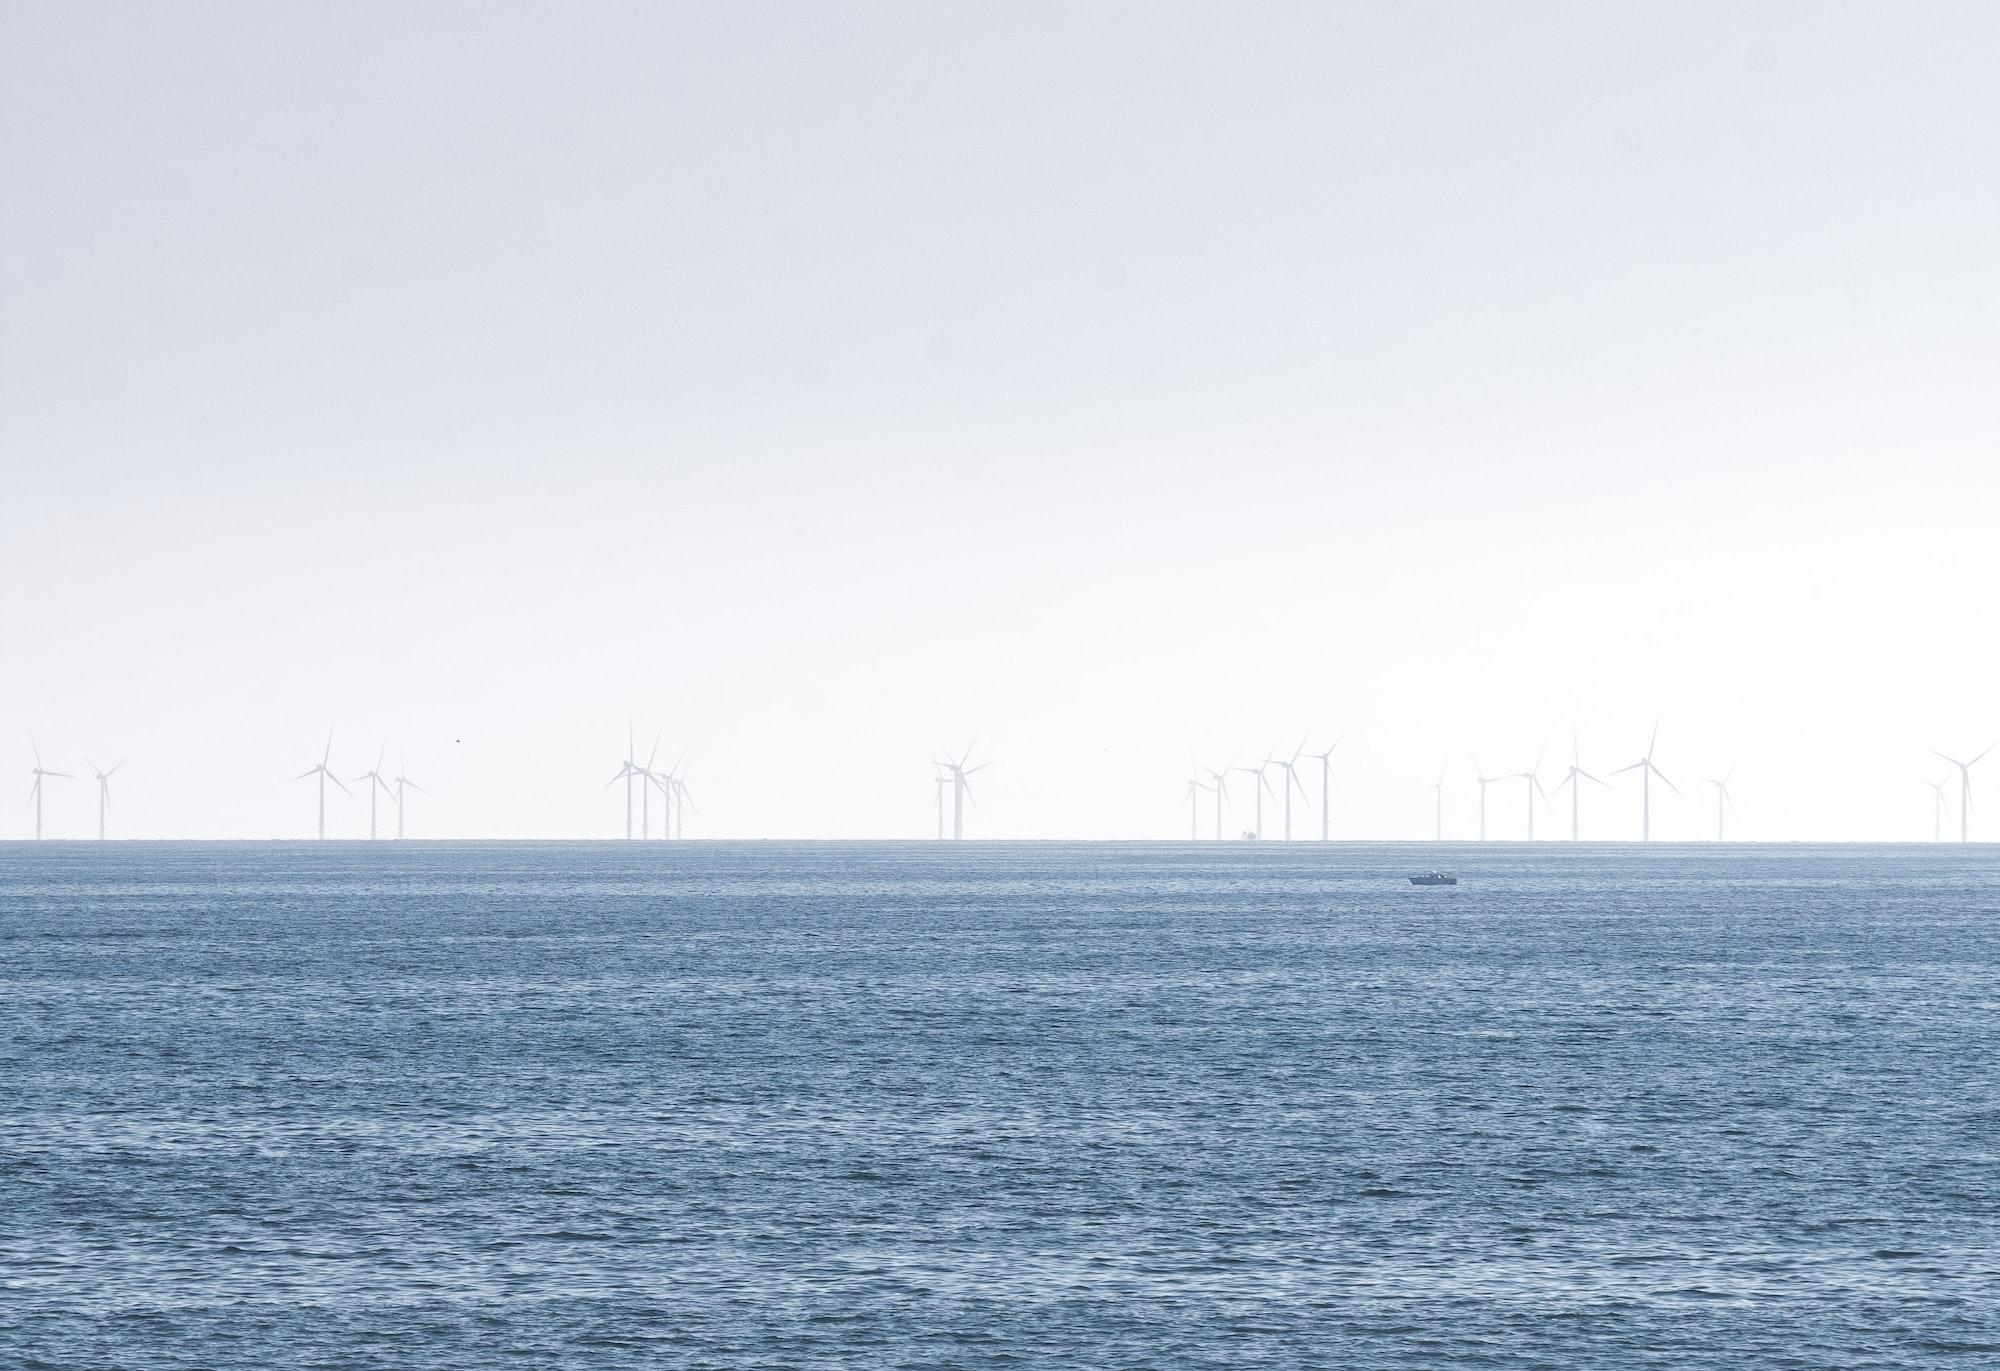 Rekordhög produktion av el från vindkraft i Sverige